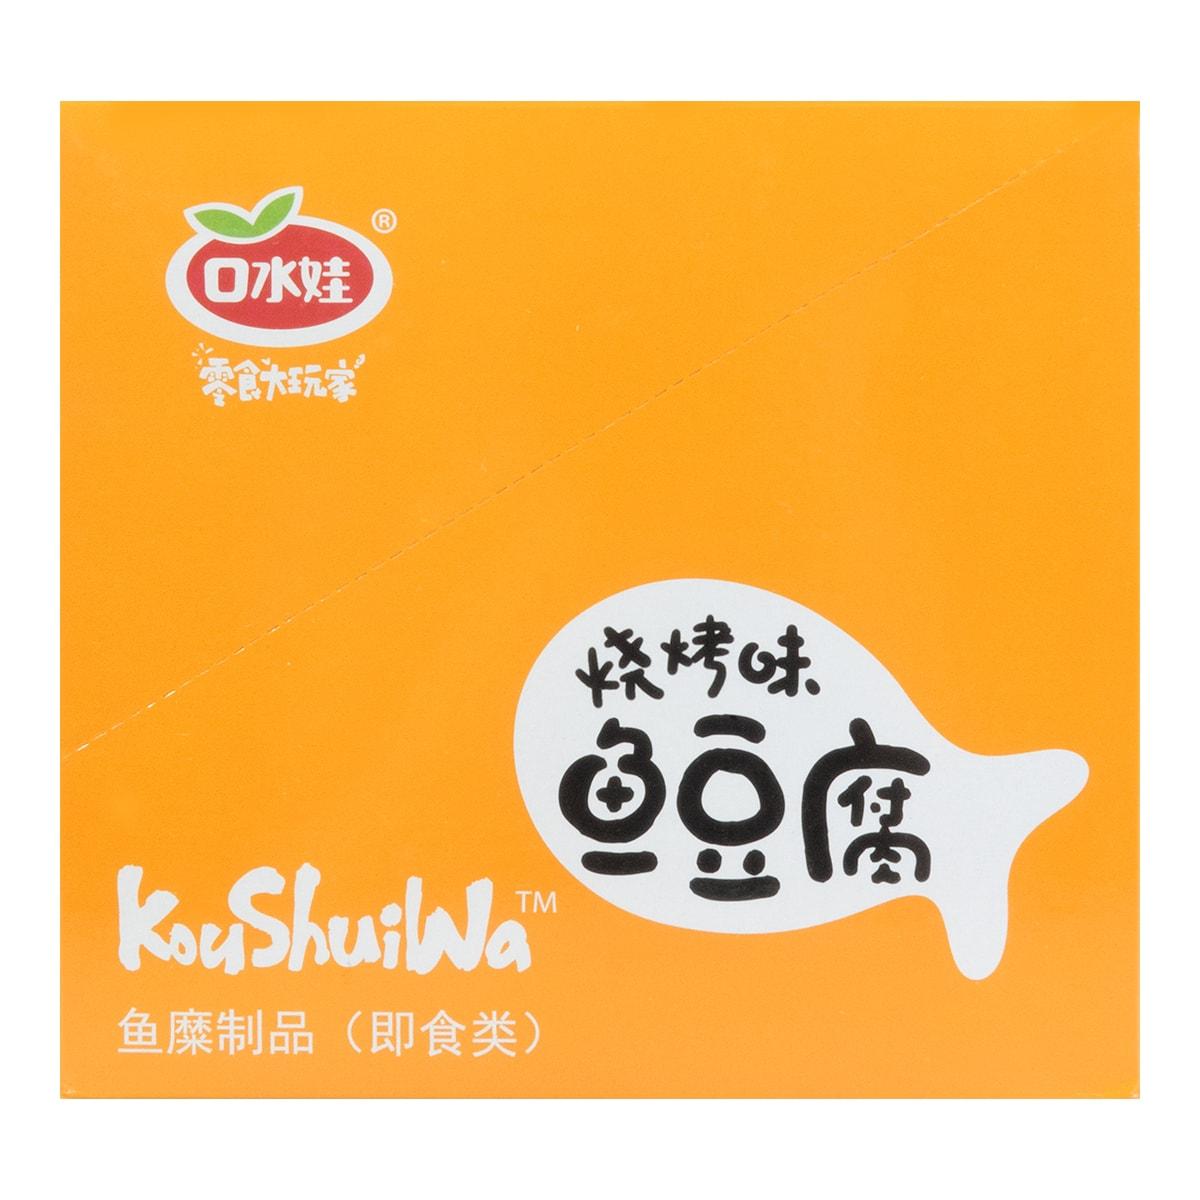 口水娃 零食大玩家 鱼约豆欢鱼豆腐 烧烤味 20包入 440g 怎么样 - 亚米网